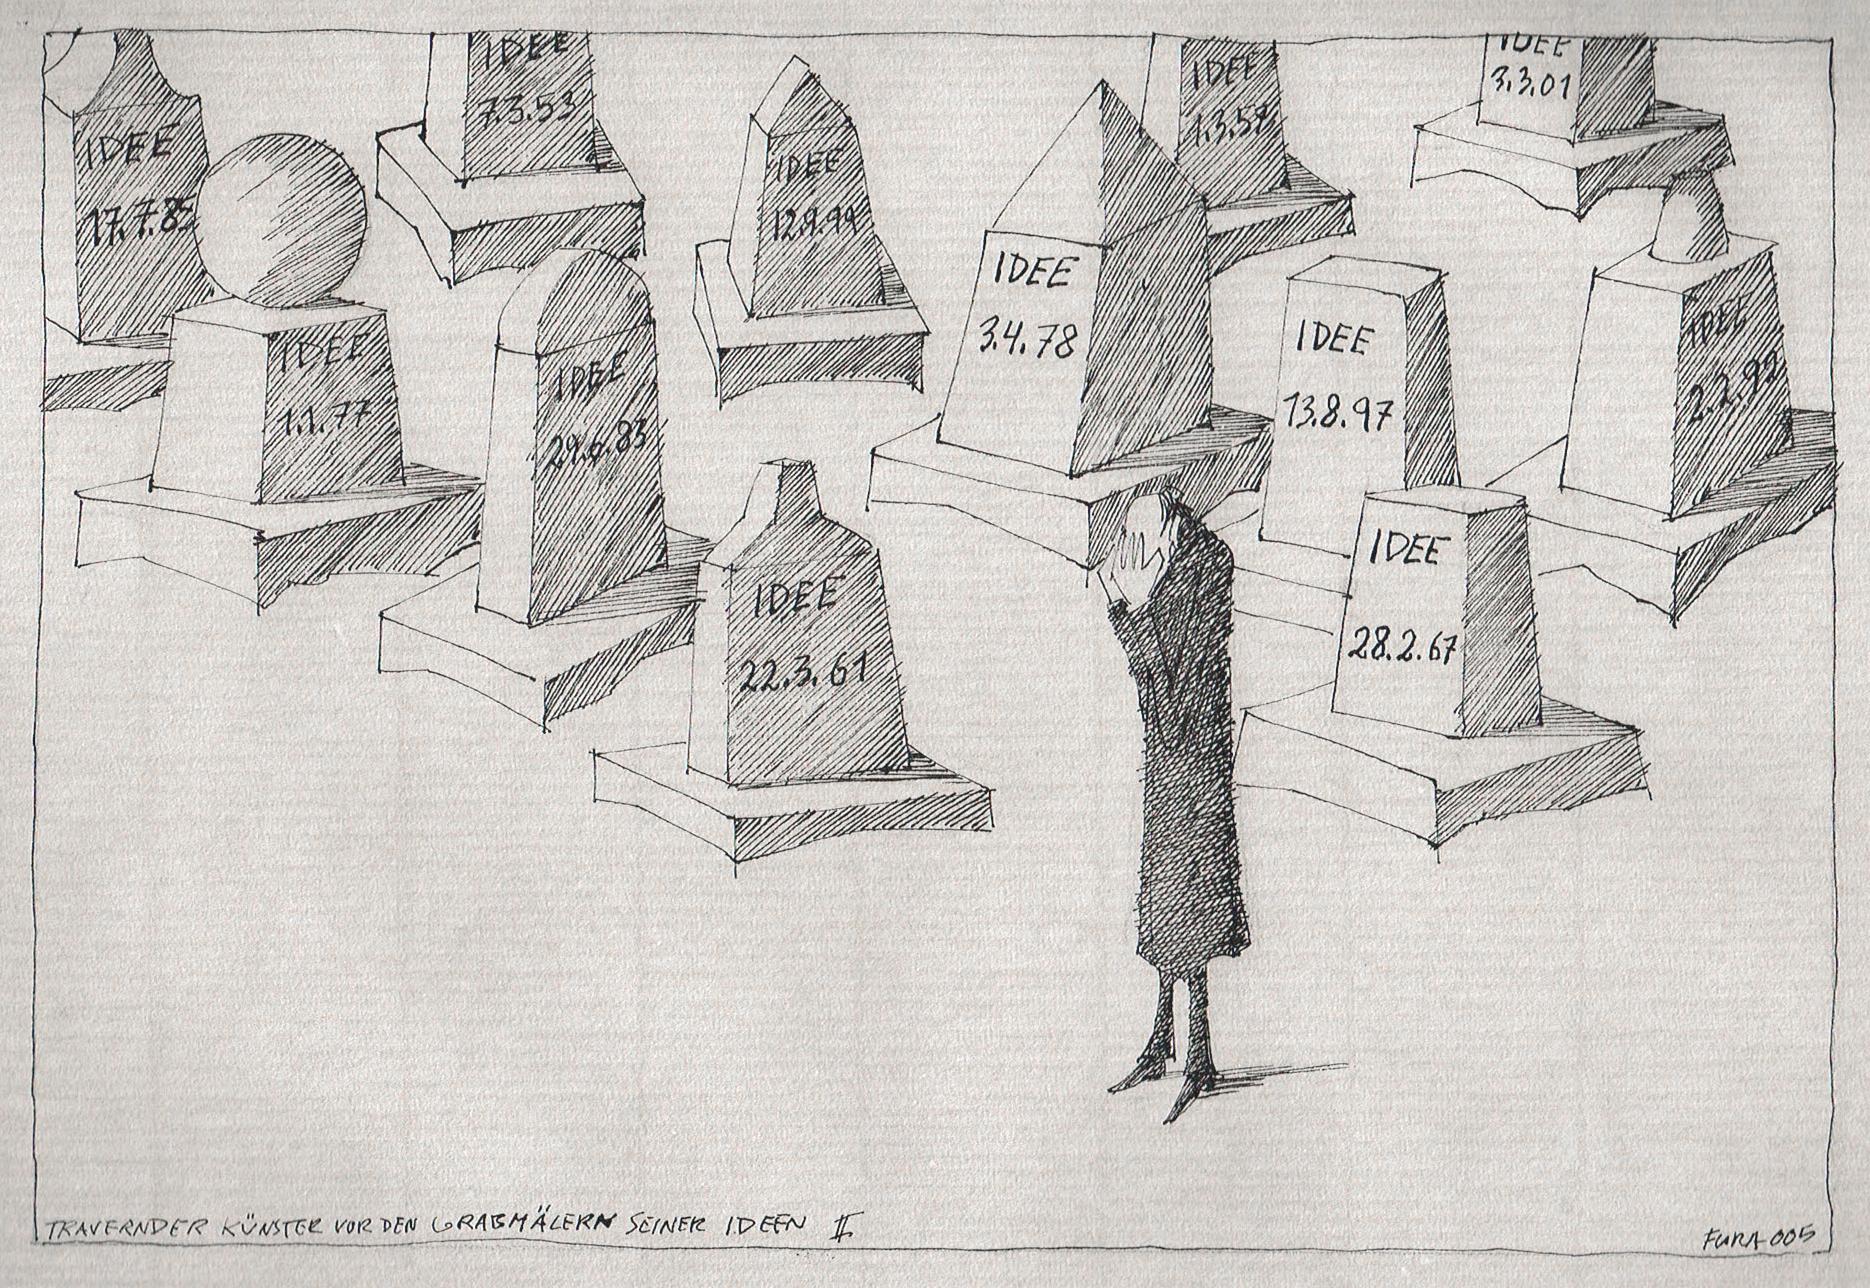 Flora Zeichnung Trauernder Künstler vor den Grabmälern seiner Ideen